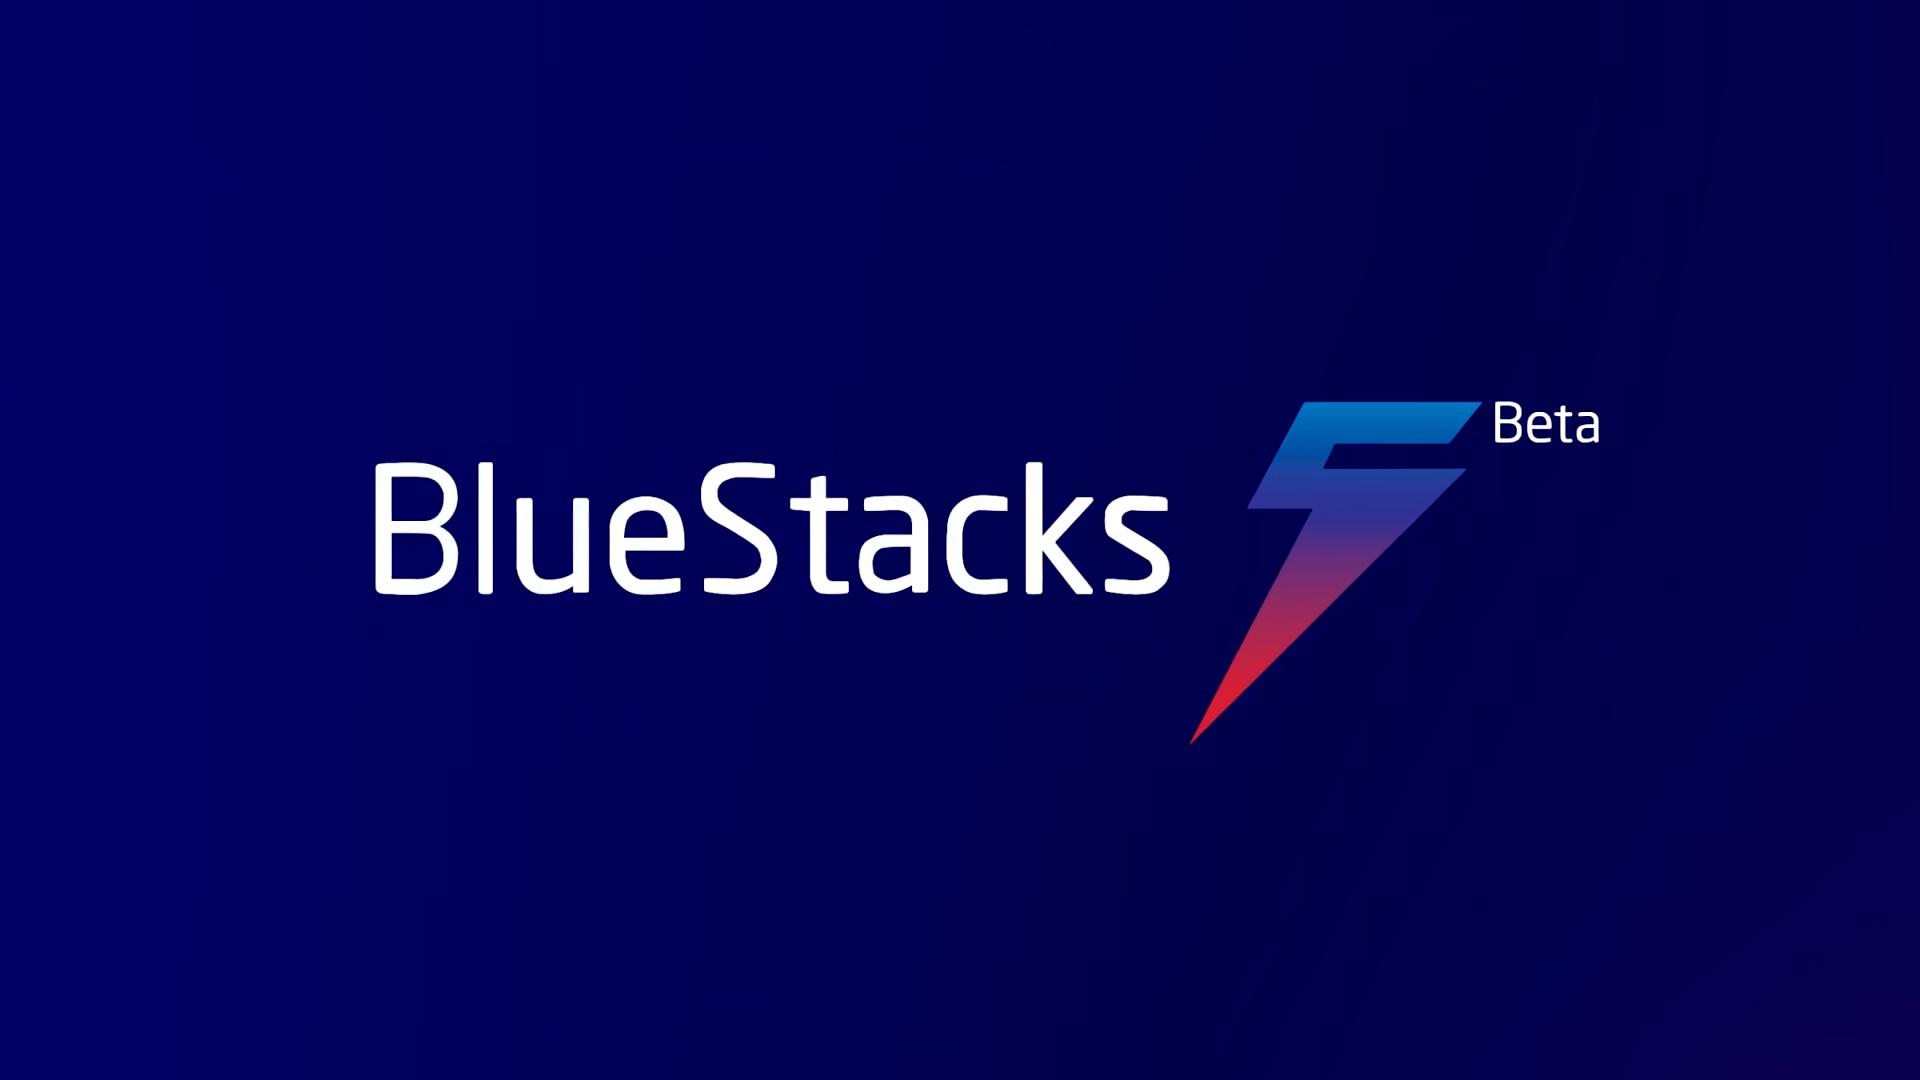 Lanzamiento Global de BlueStacks 5 – 7 Razones Por las que Deberías Probar la Nueva Versión